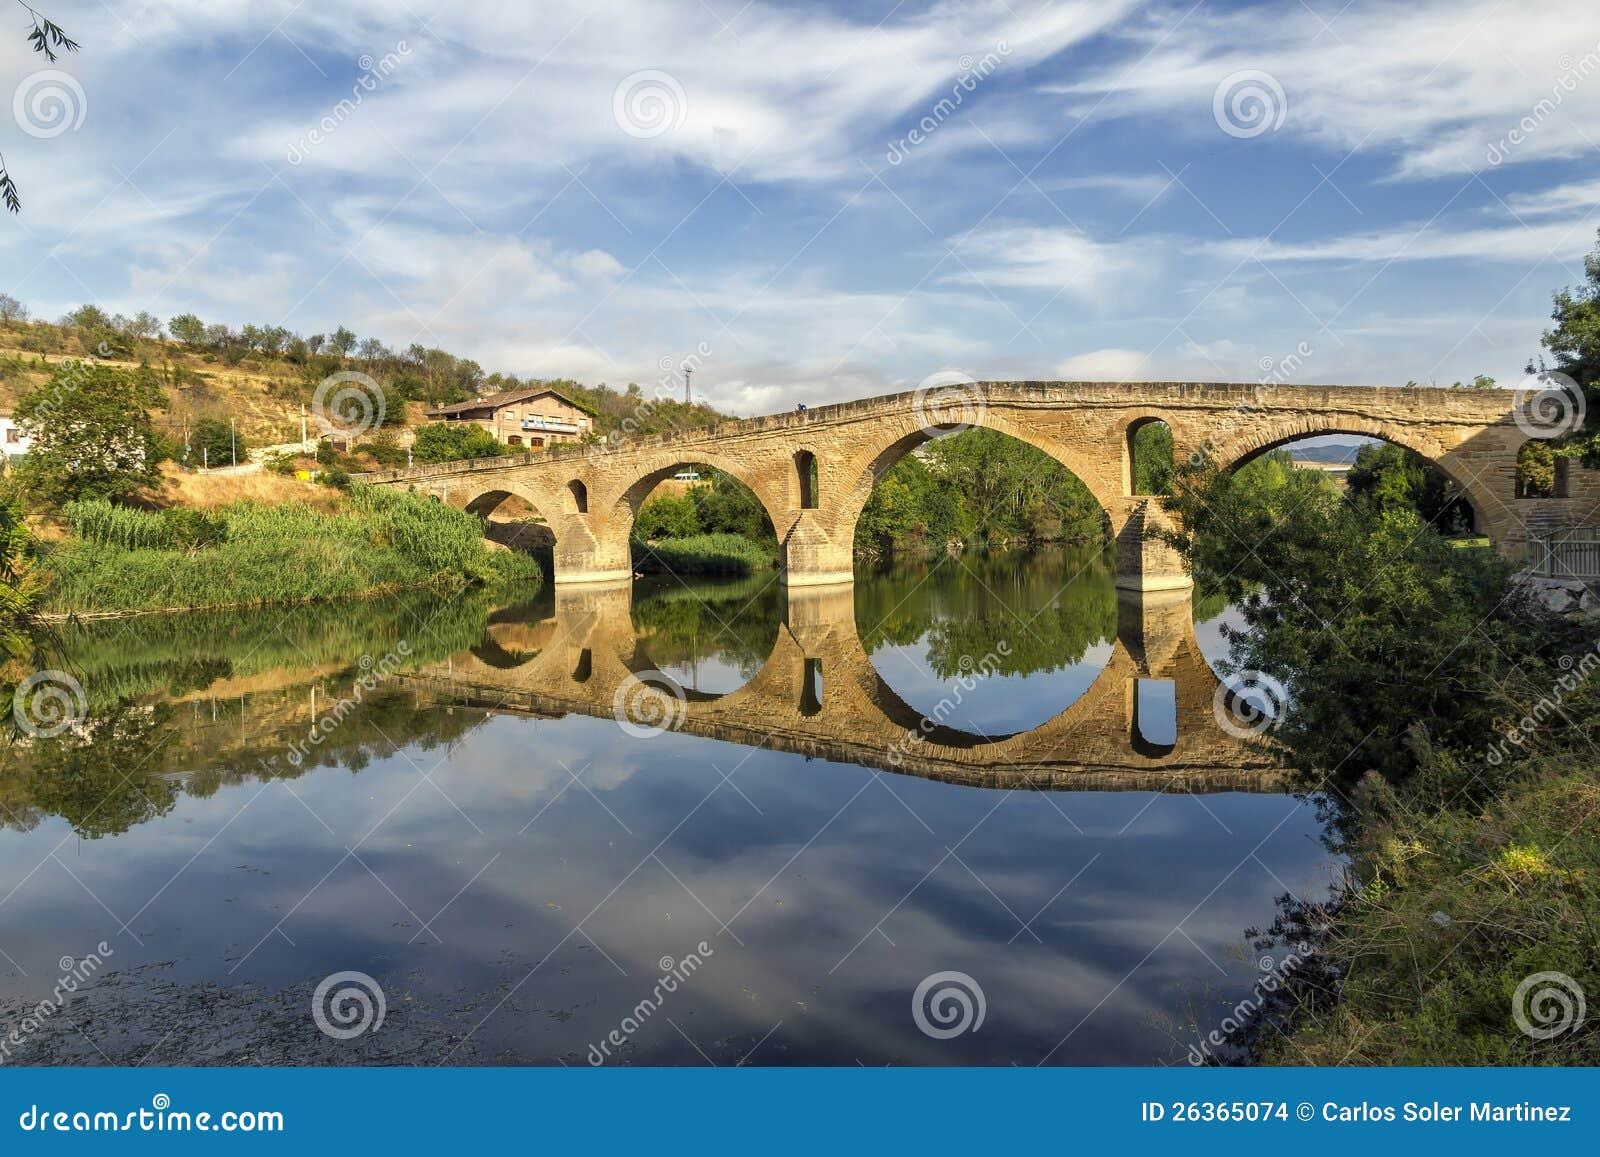 Puente La Reinabrücke, Navarre